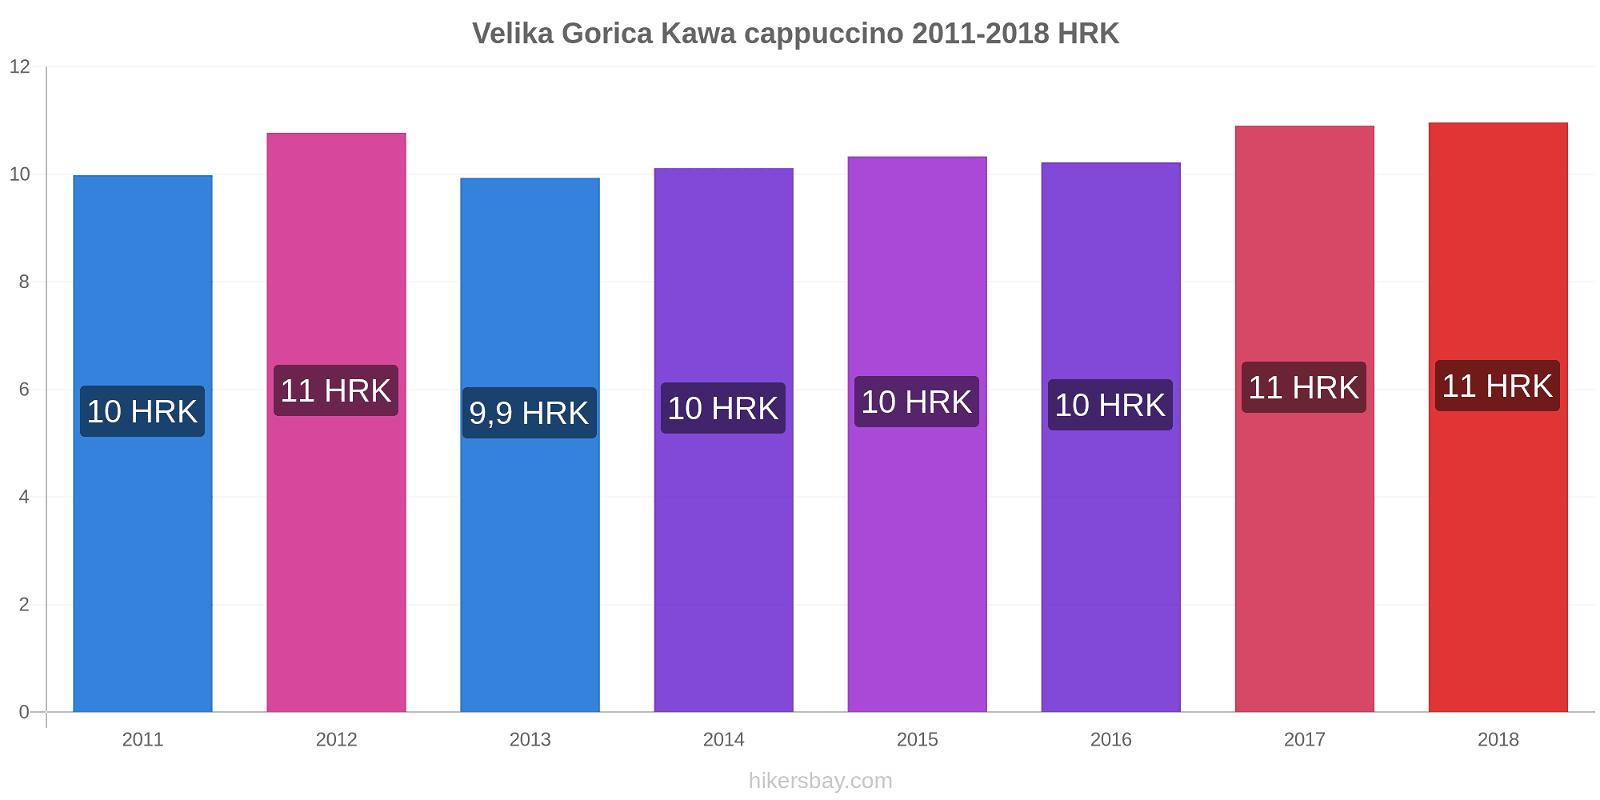 Velika Gorica zmiany cen Kawa cappuccino hikersbay.com